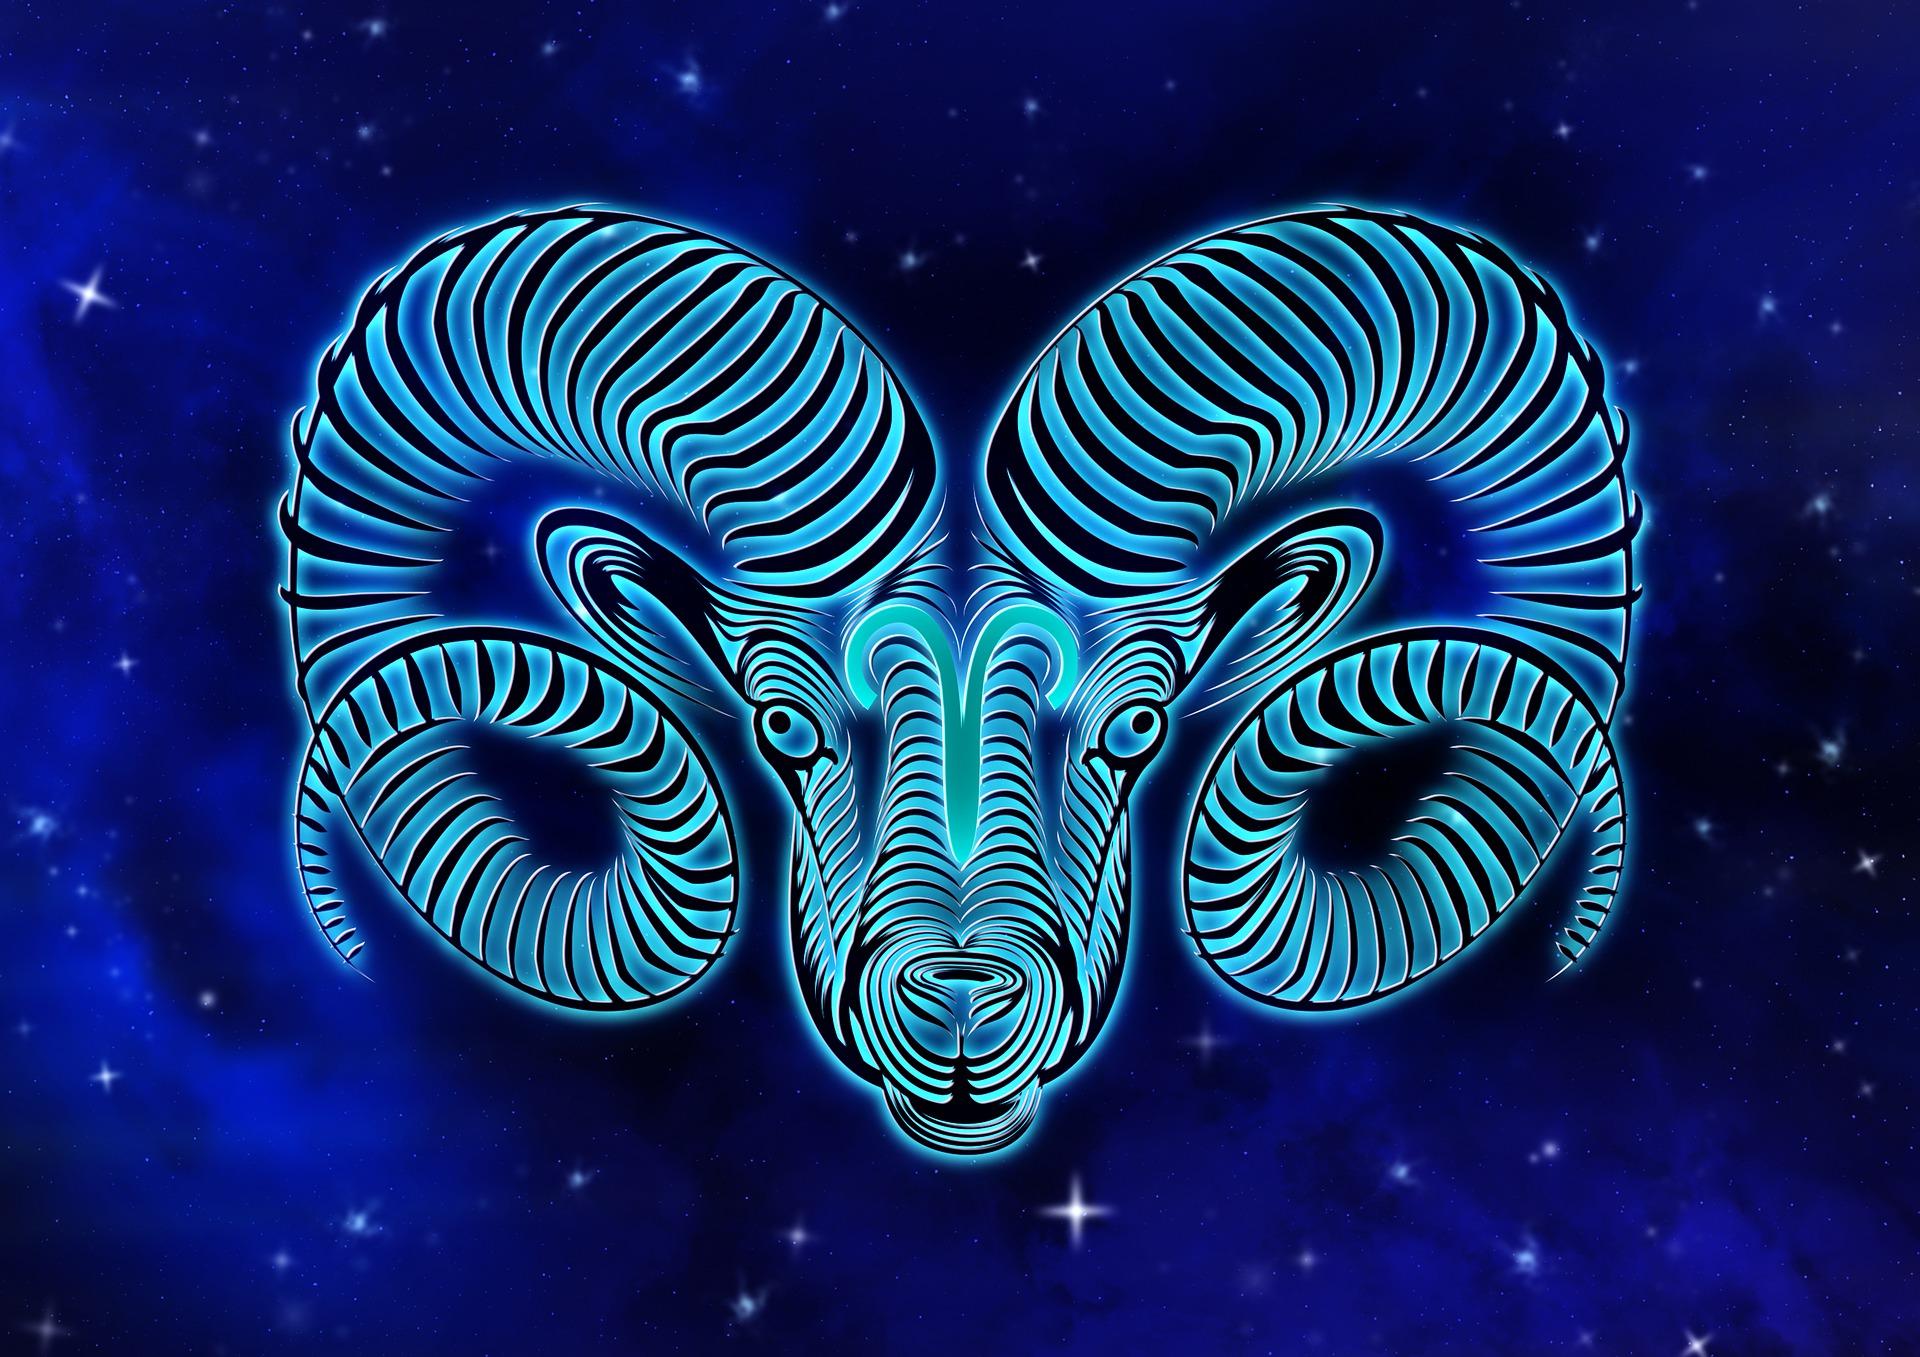 Nagy szerelmi horoszkóp minden csillagjegyre - Tudd meg, ki illik hozzád!   Femcafe